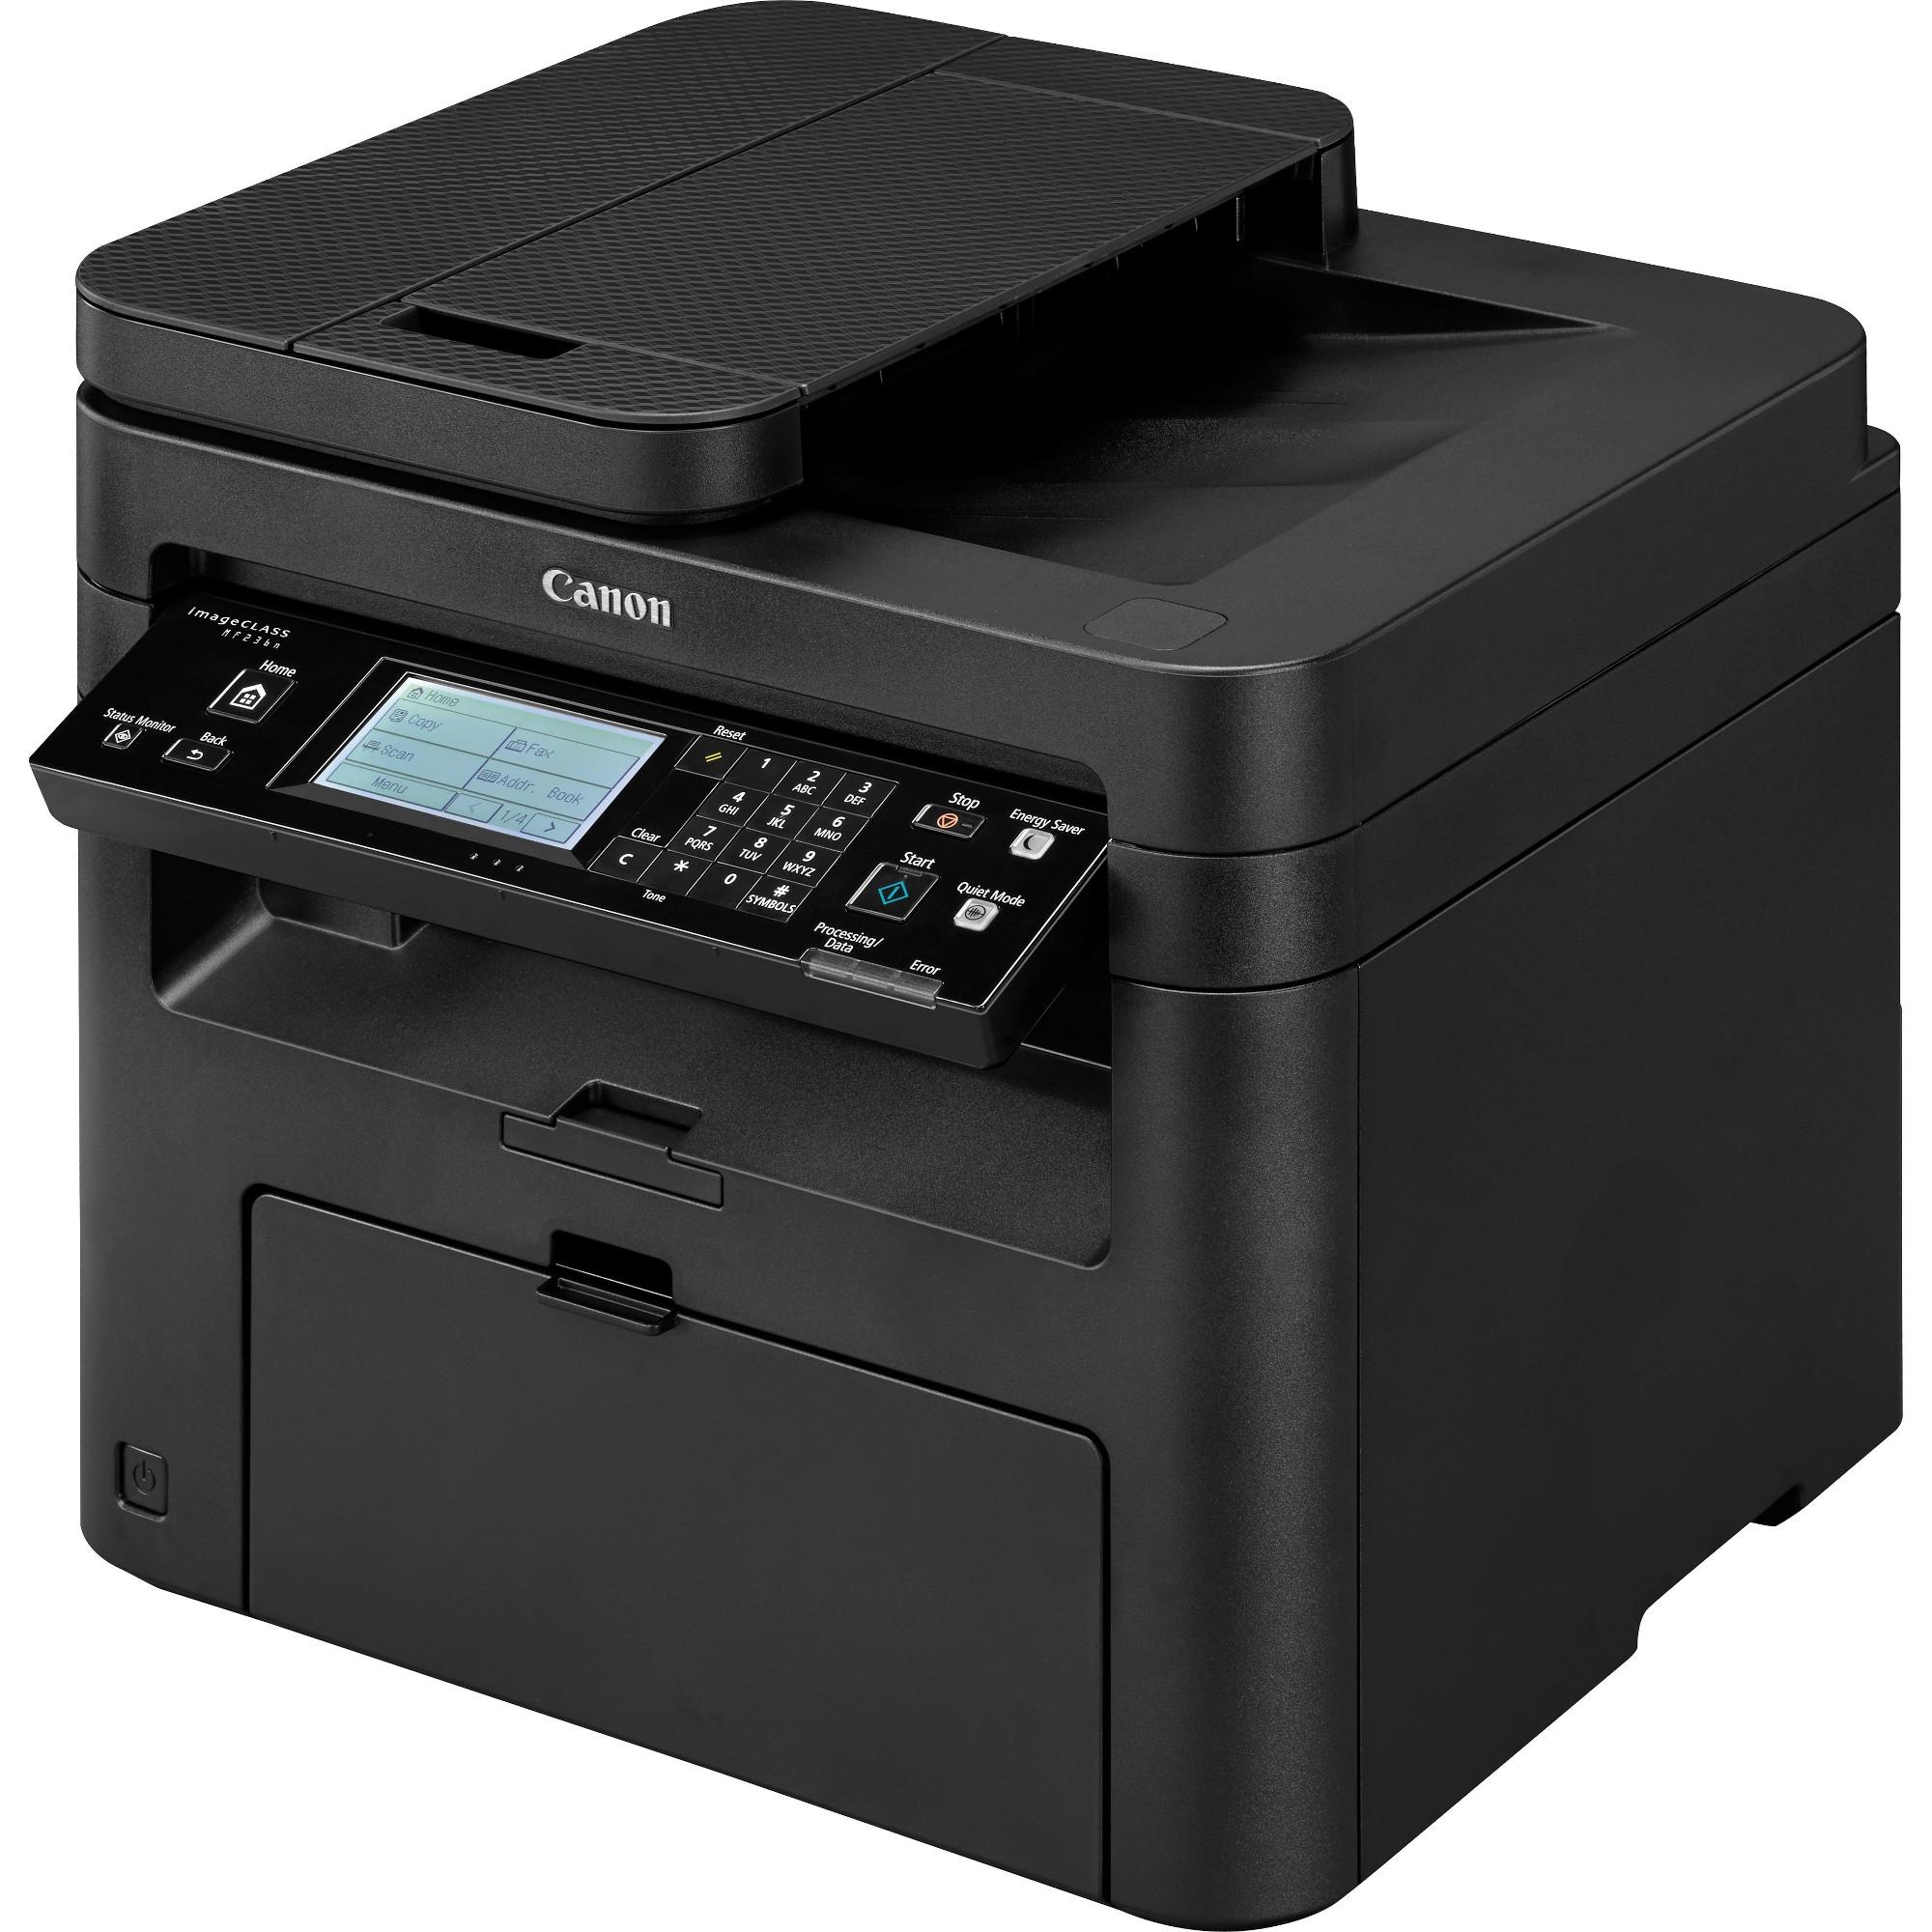 Canon imageCLASS MF236n Laser Multifunction Printer for $95 + FS